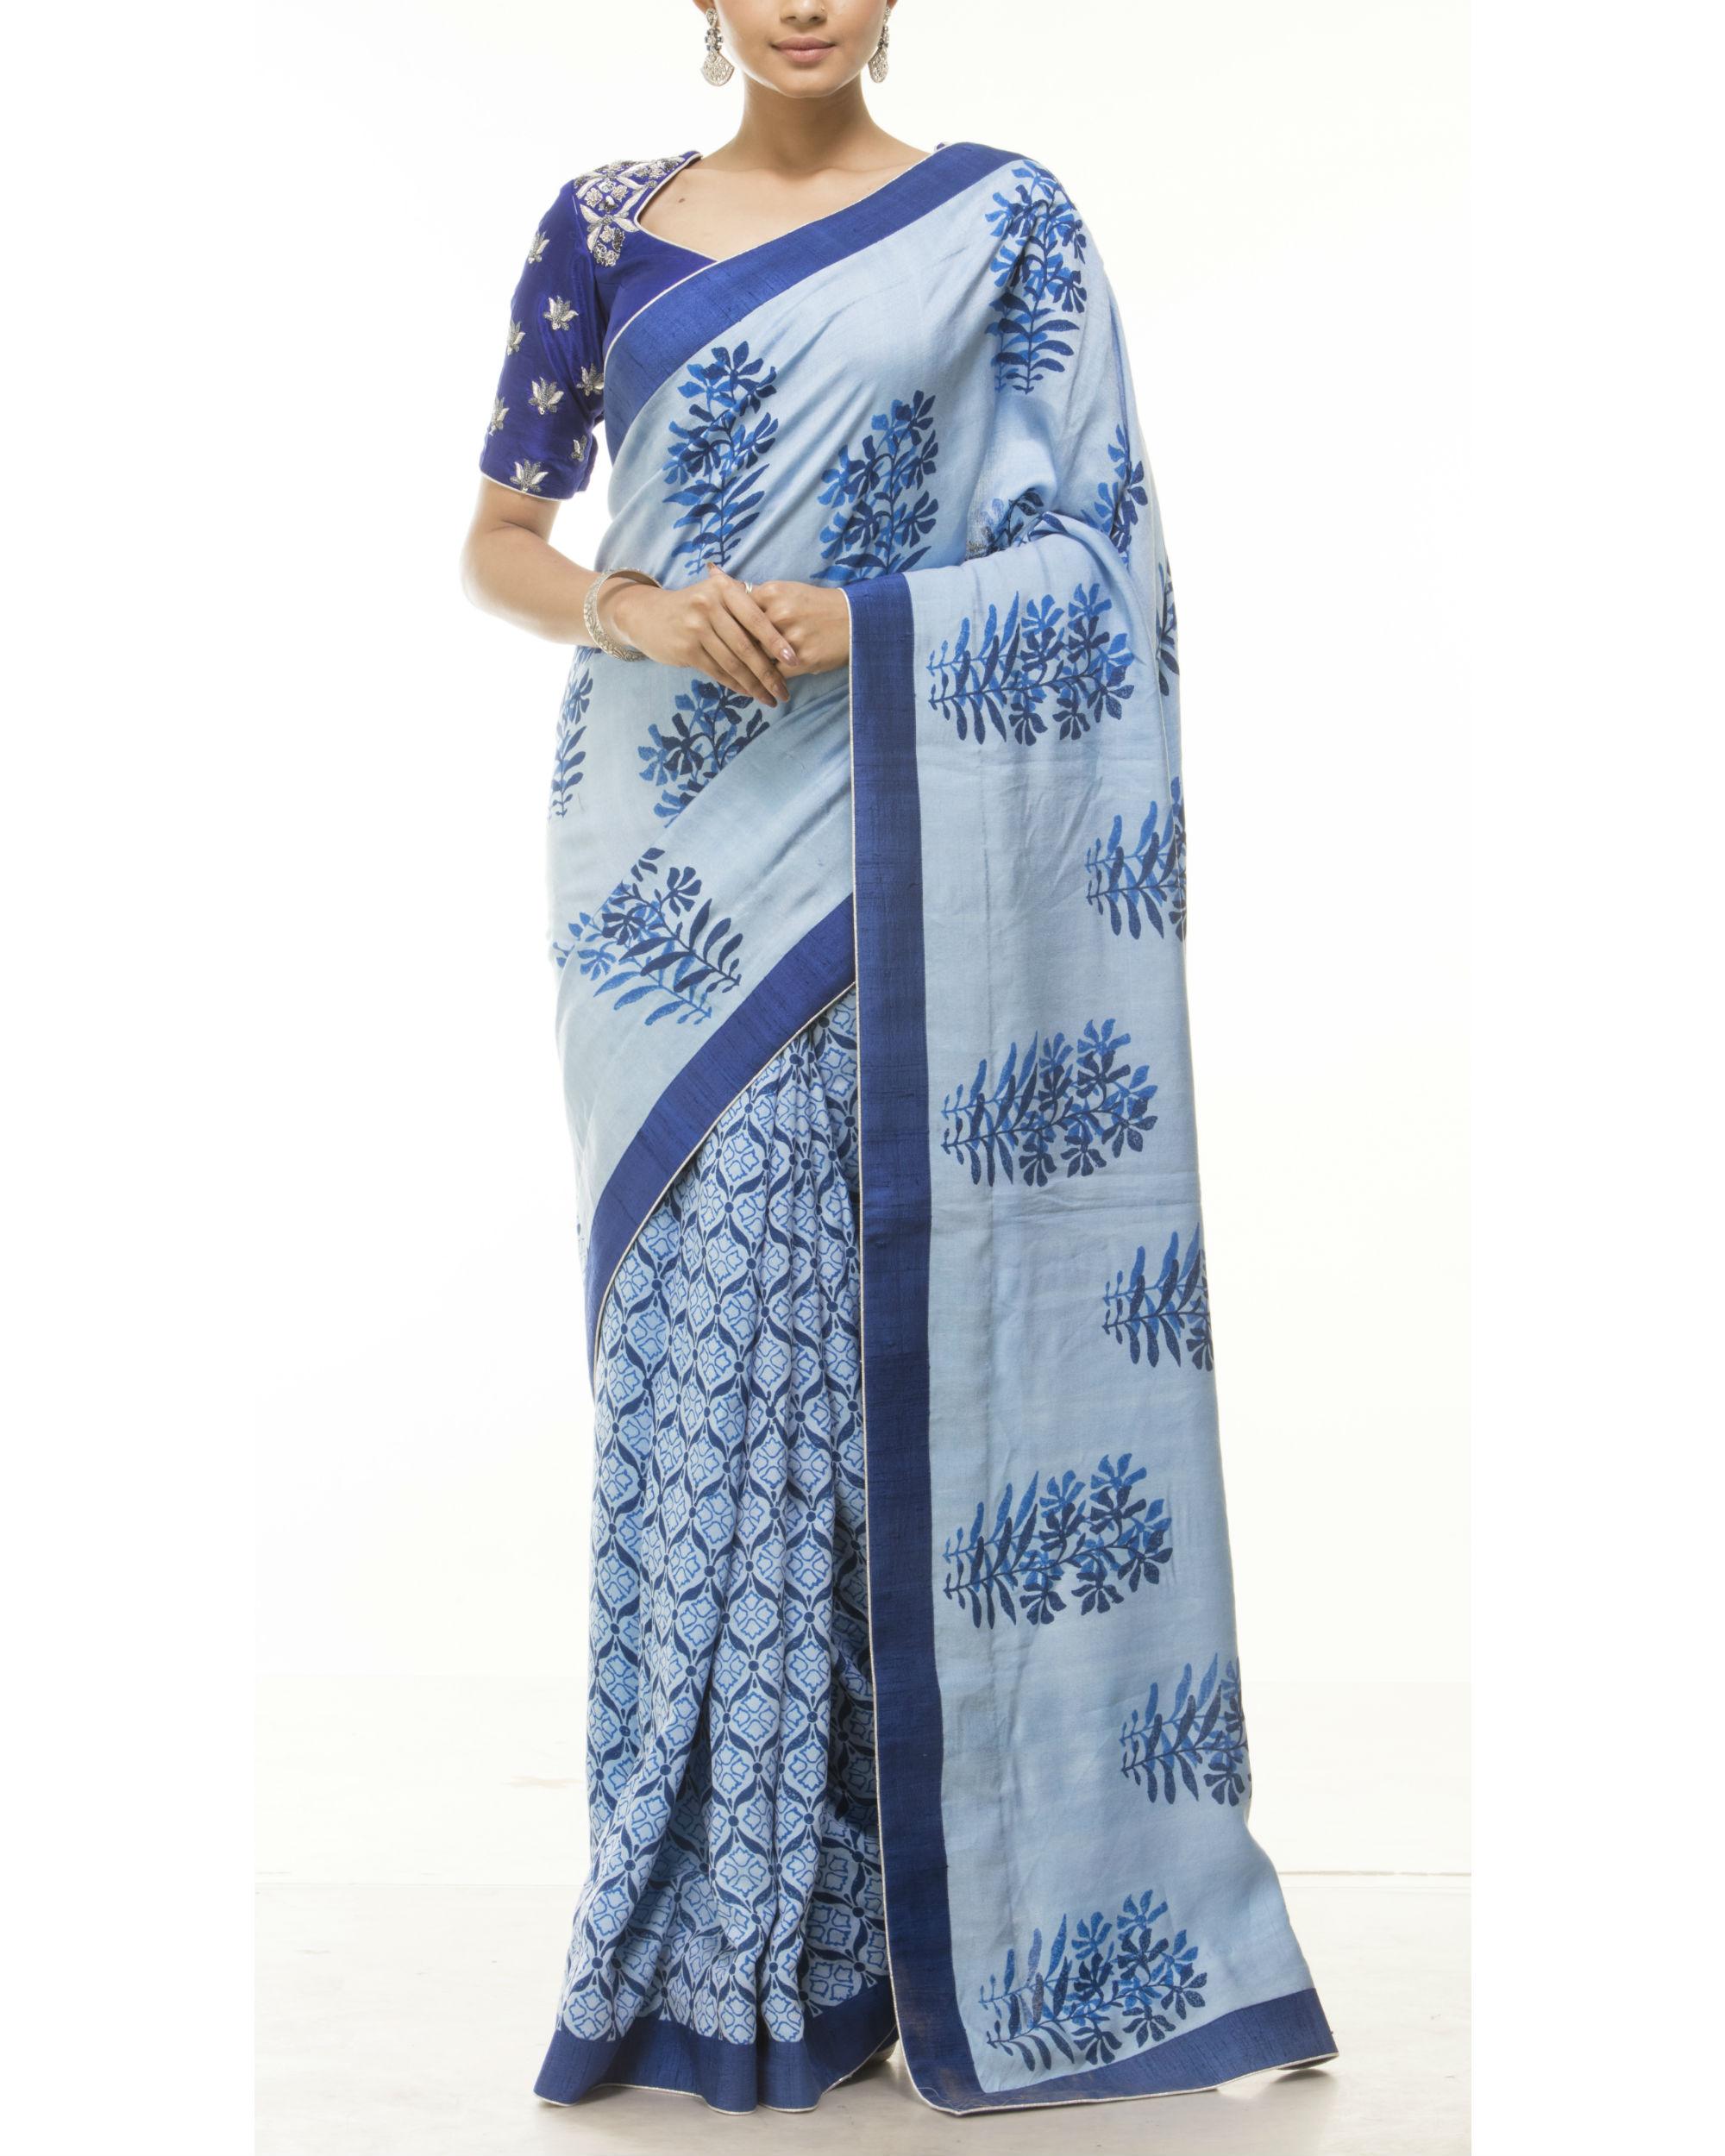 Blue hand block printed sari